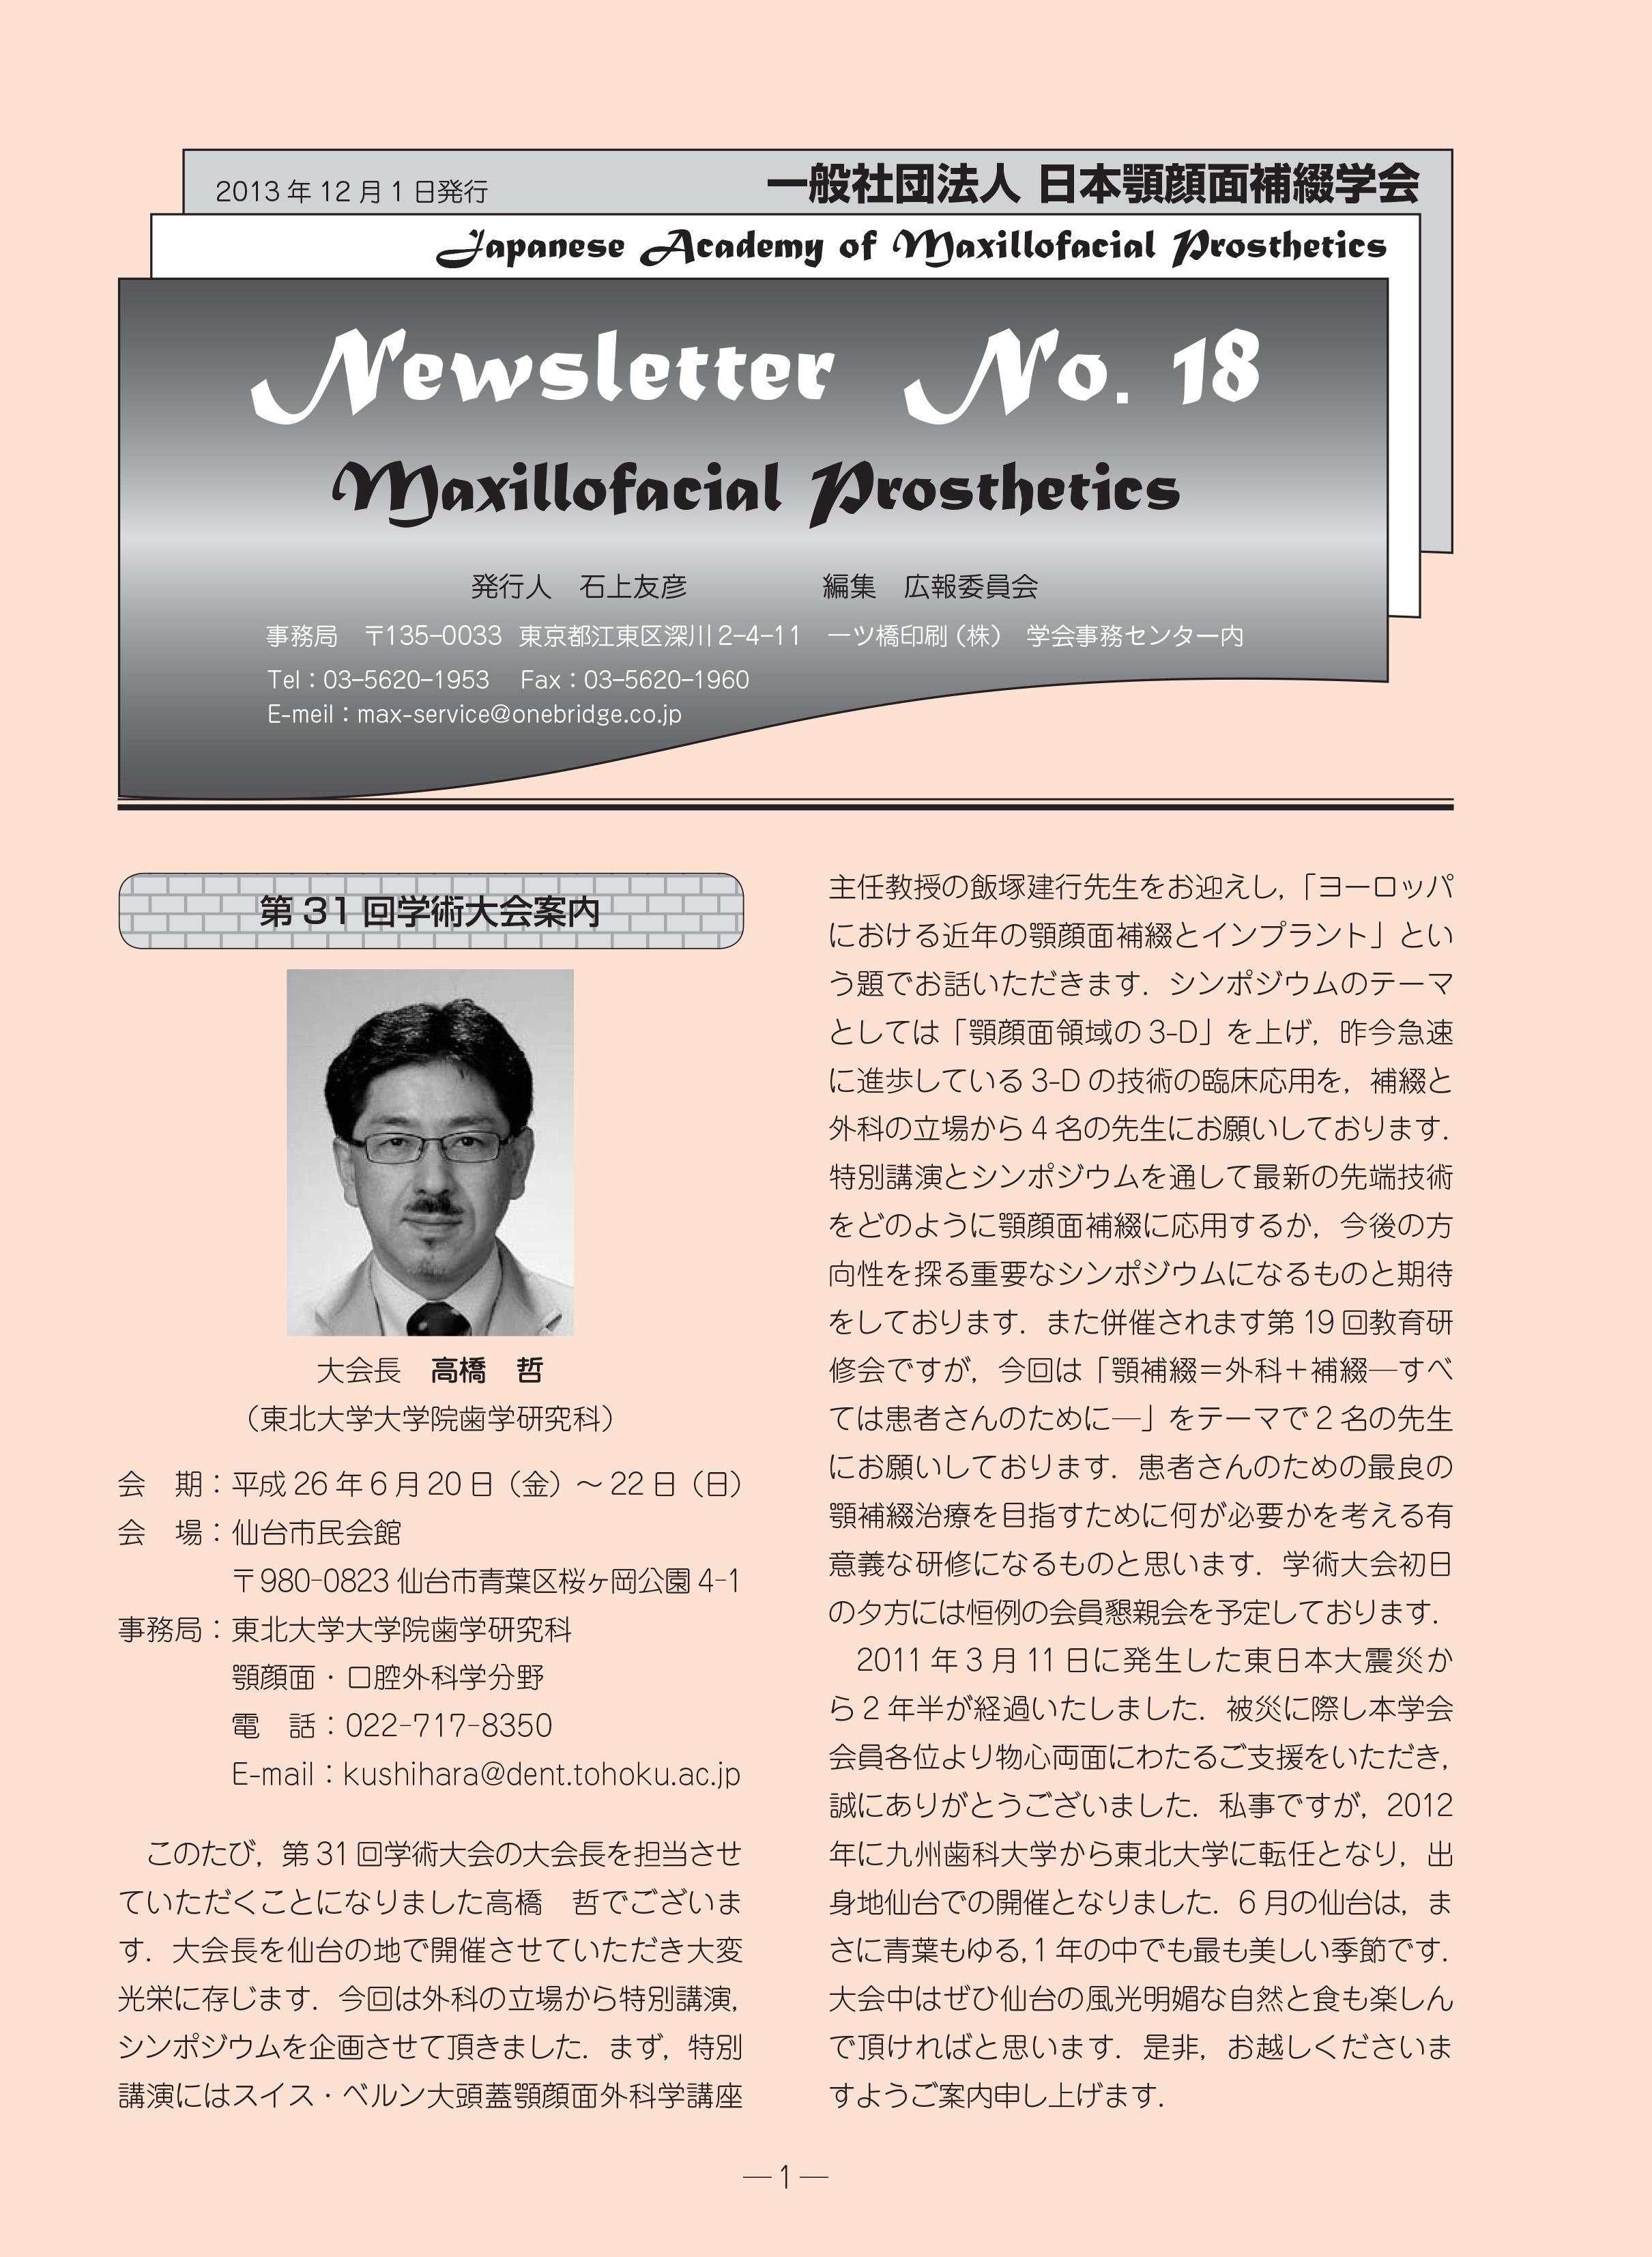 ニュースレター No.18